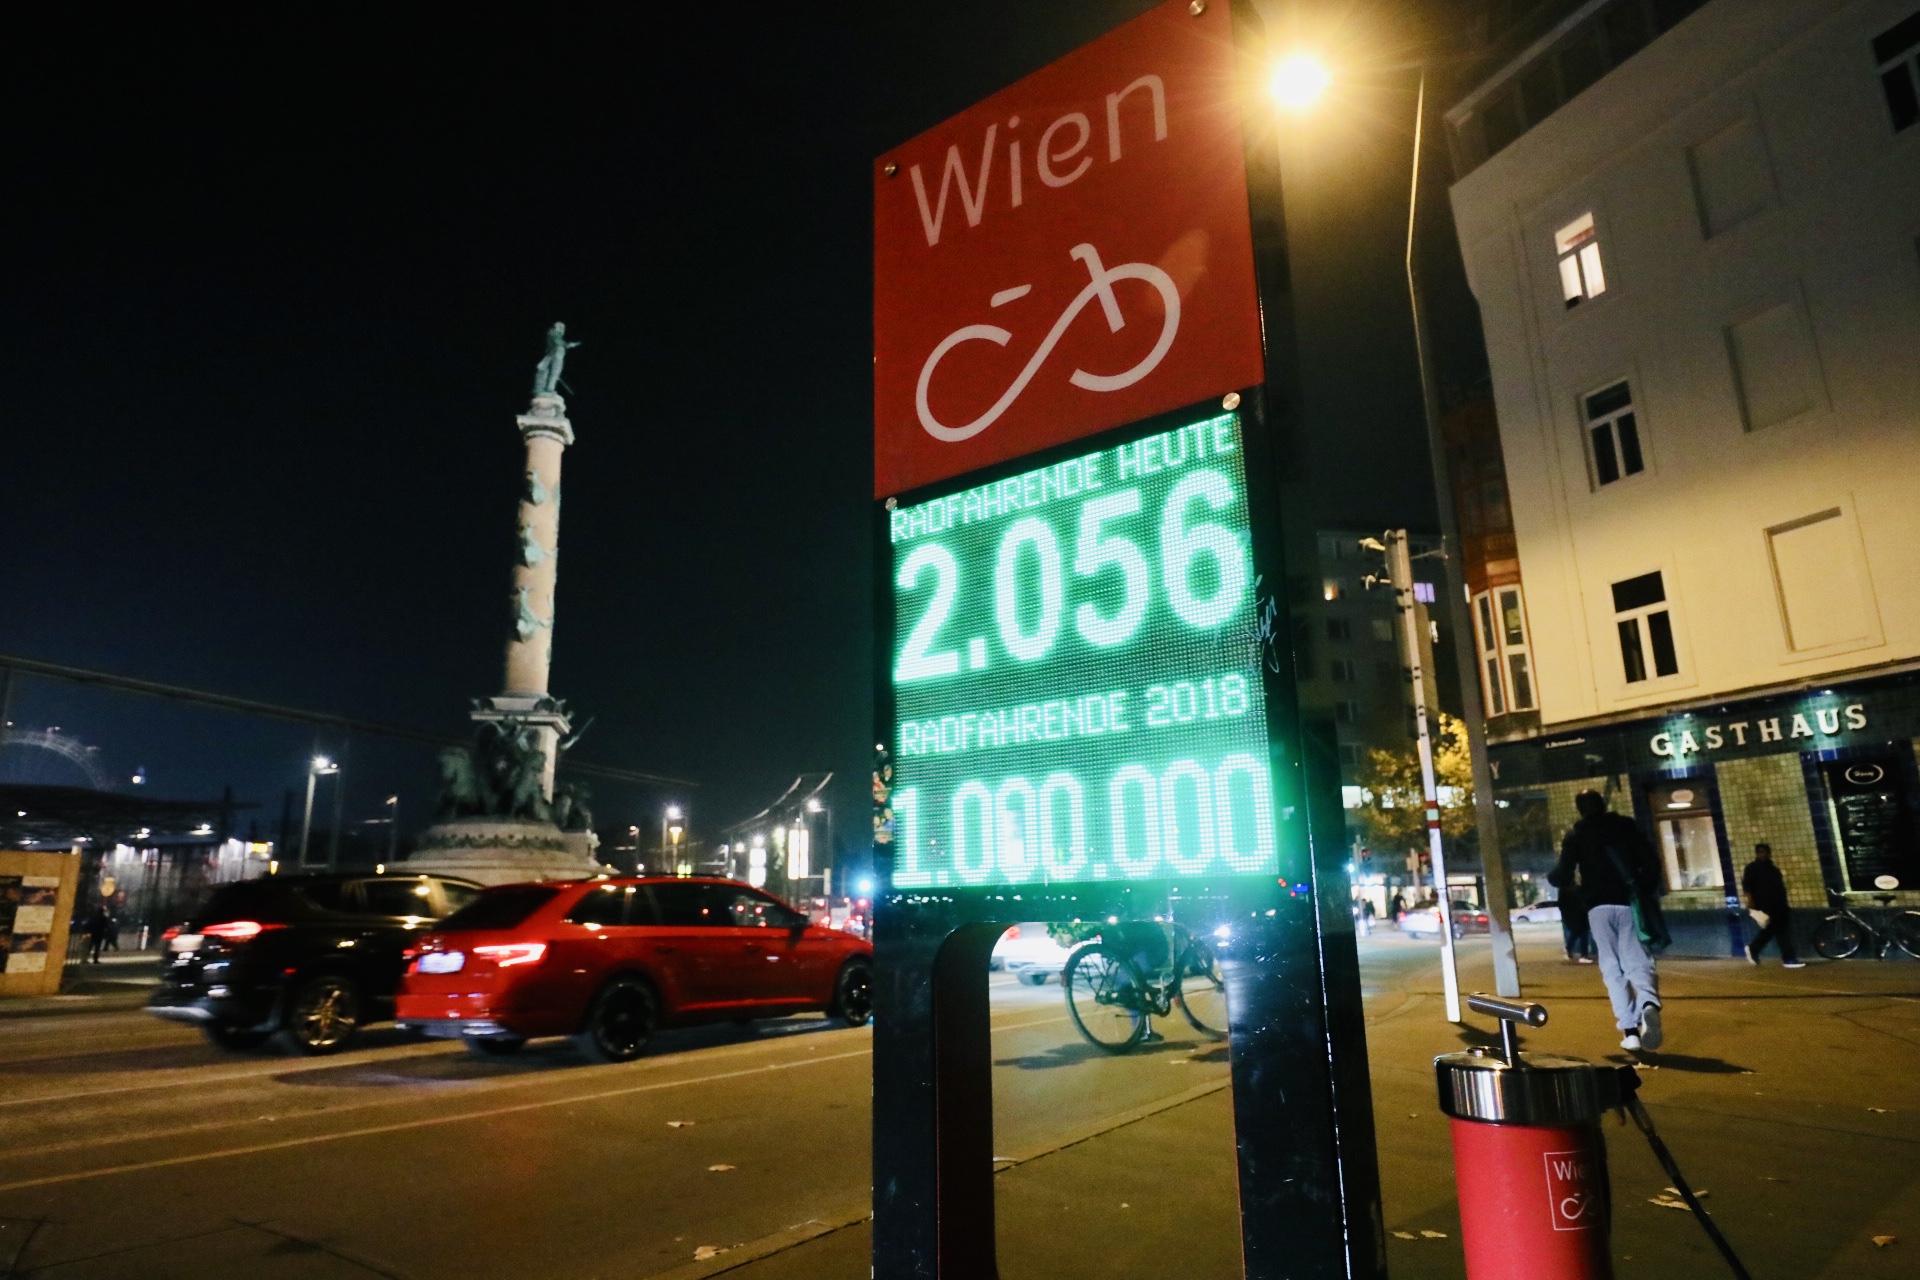 Am 9.11.2018 wurde an der Zählstelle Praterstern die Million erreicht. D. h. es kamen an dieser Stelle, in diesem Jahr bereits eine Million Radfahrerinnen vorbei. Foto: Christian Fürthner